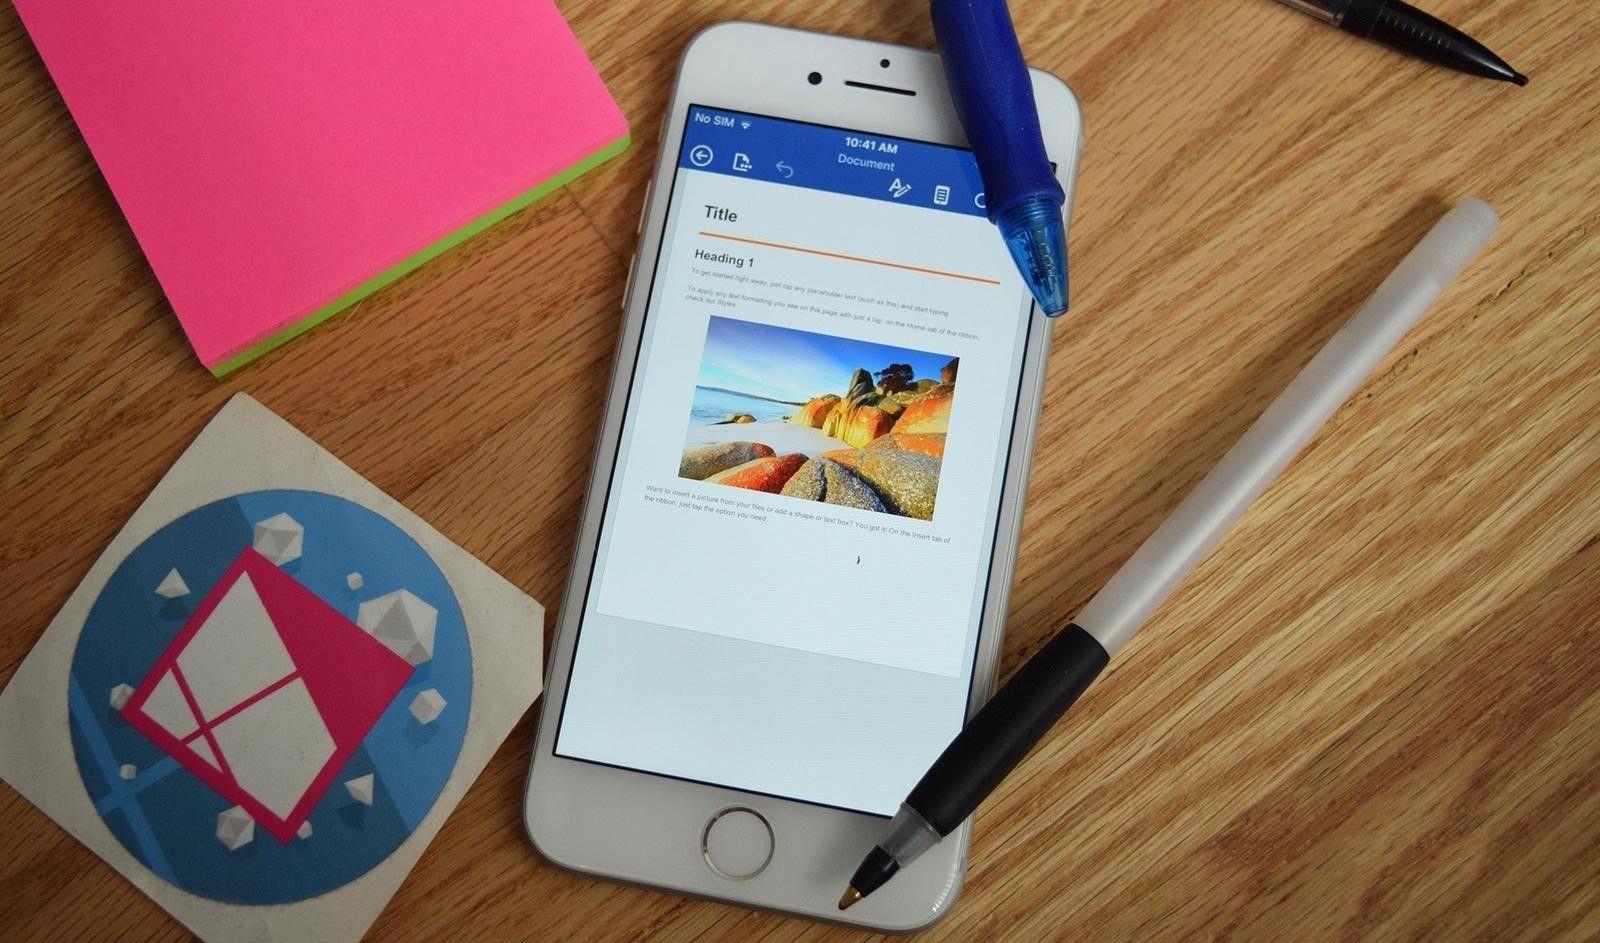 18 важных приложений на iPhone для работы и отдыха